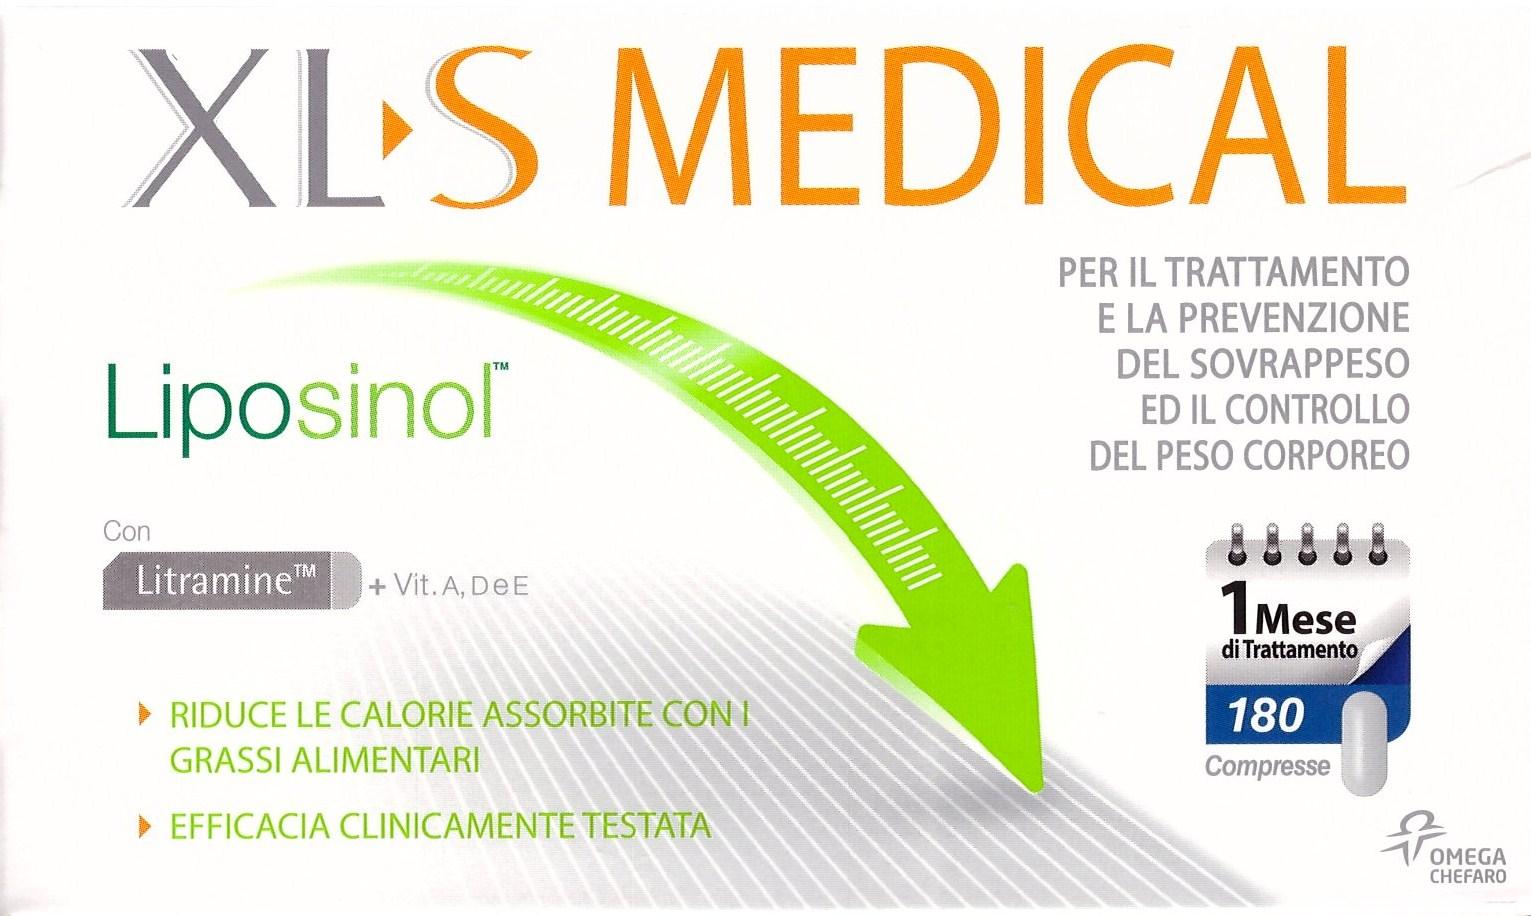 XLS Medical Liposinol: cos'è, controindicazioni e opinioni